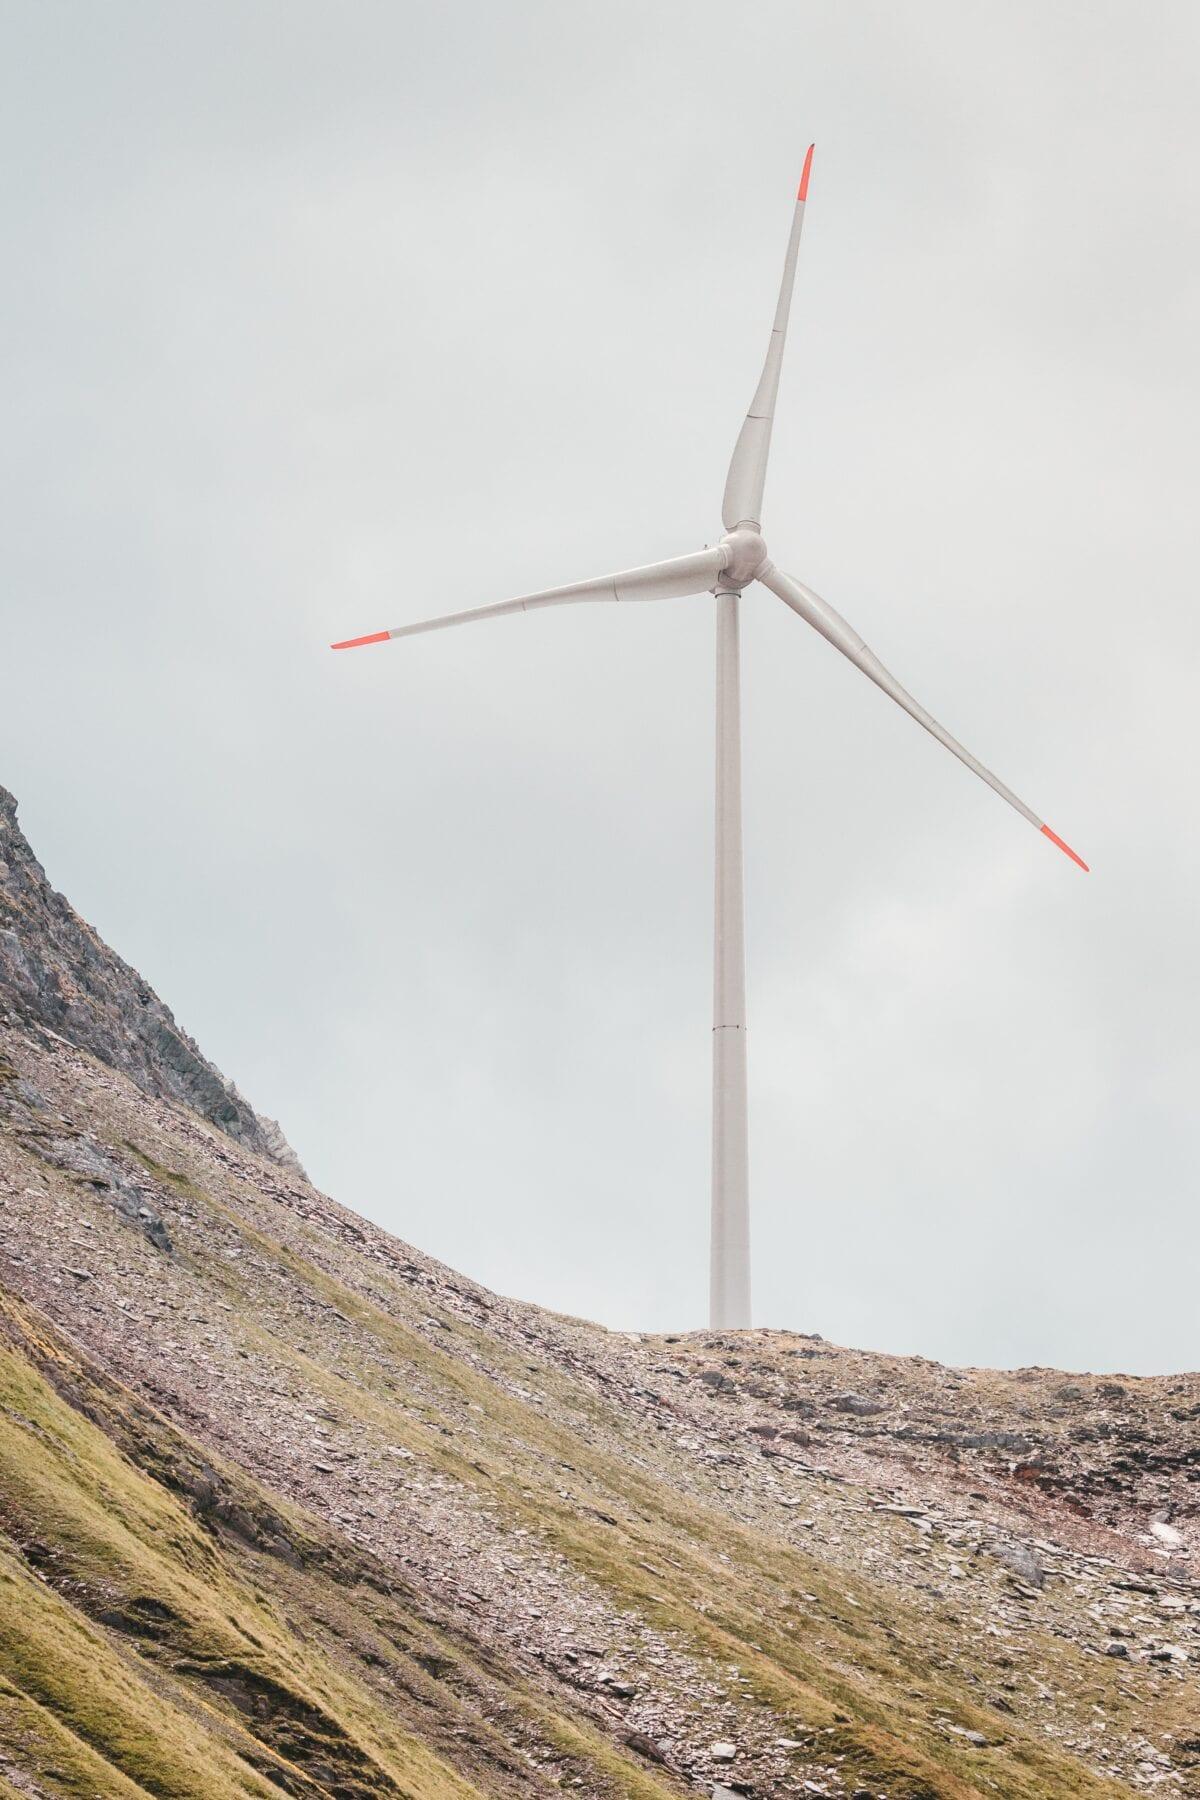 Duurzaam reizen Zwitserland windmolen